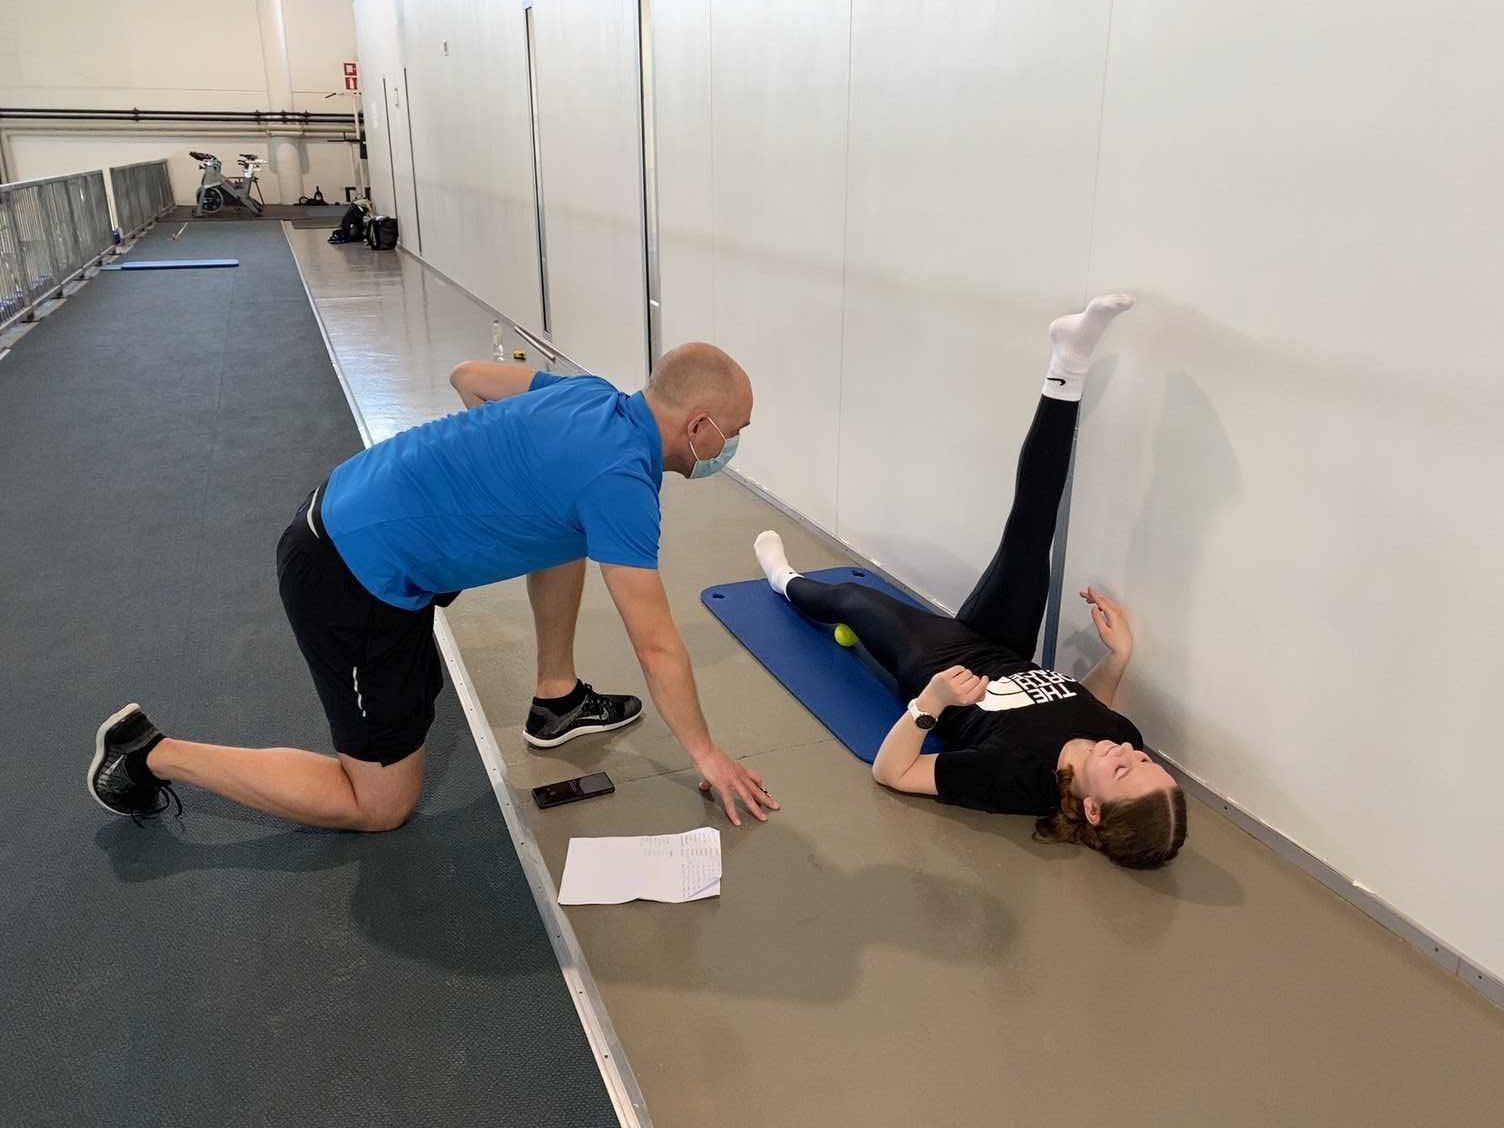 Valmentaja on lattiantasossa toinen polvi lattiassa, seuraa selällään olevaa urheilijaa, jonka toinen jalka on ilmassa seinää vasten